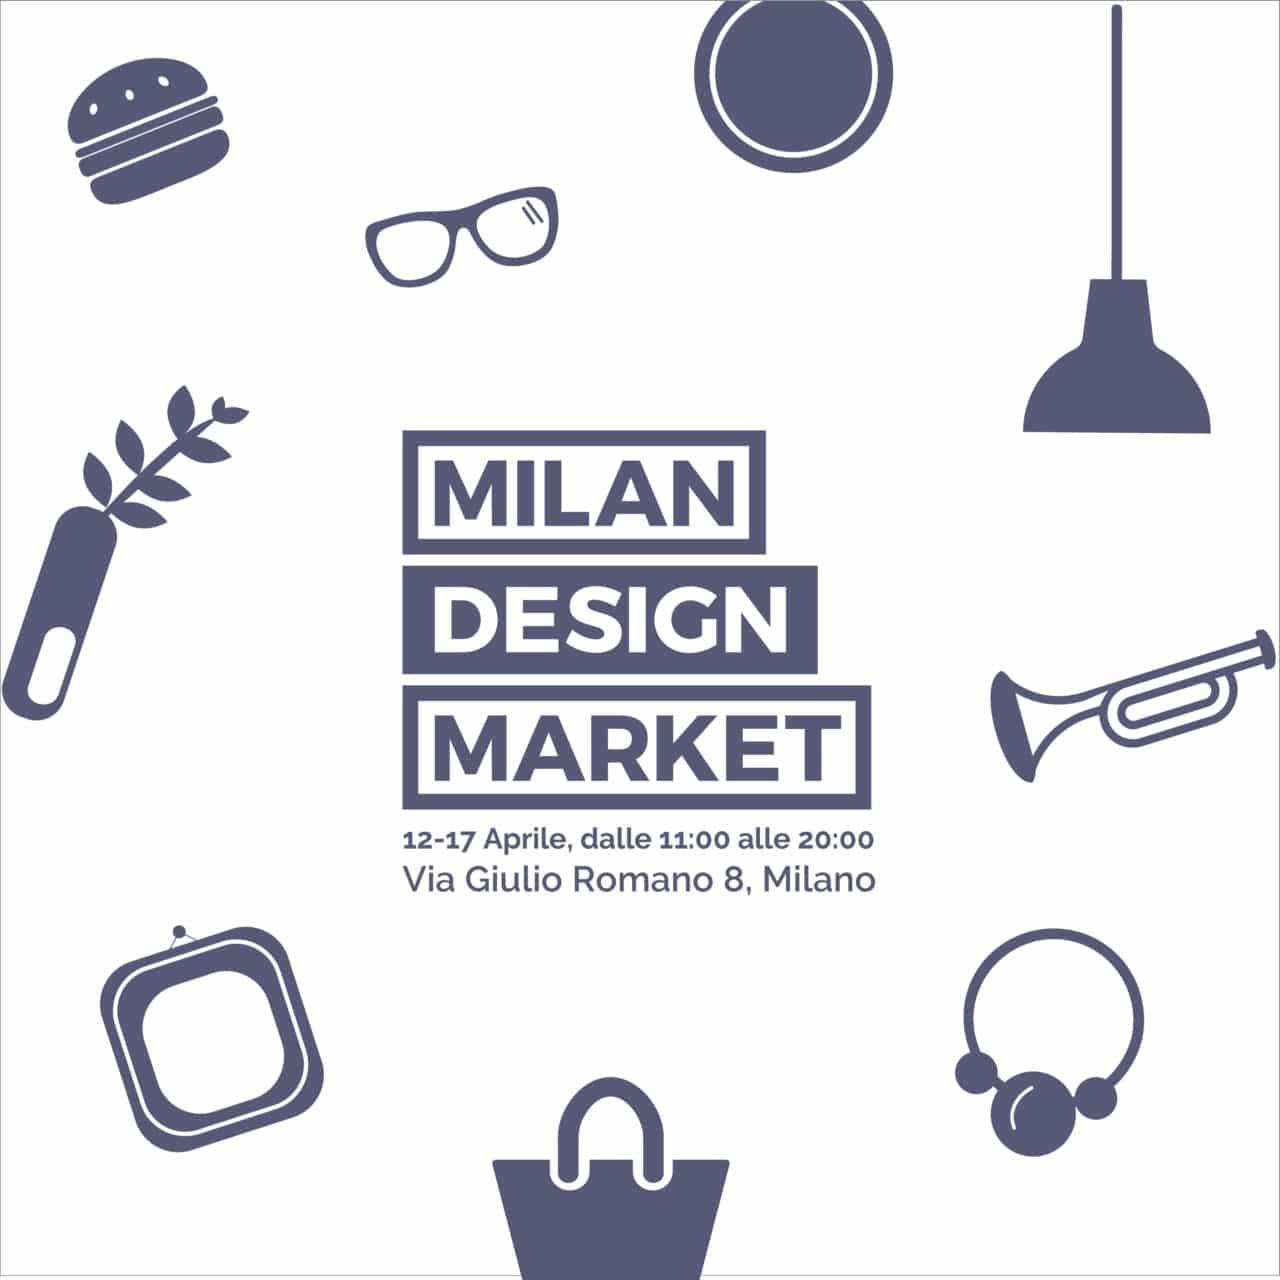 MILAN DESIGN MARKET: moda, design e food si incontrano al Fuorisalone